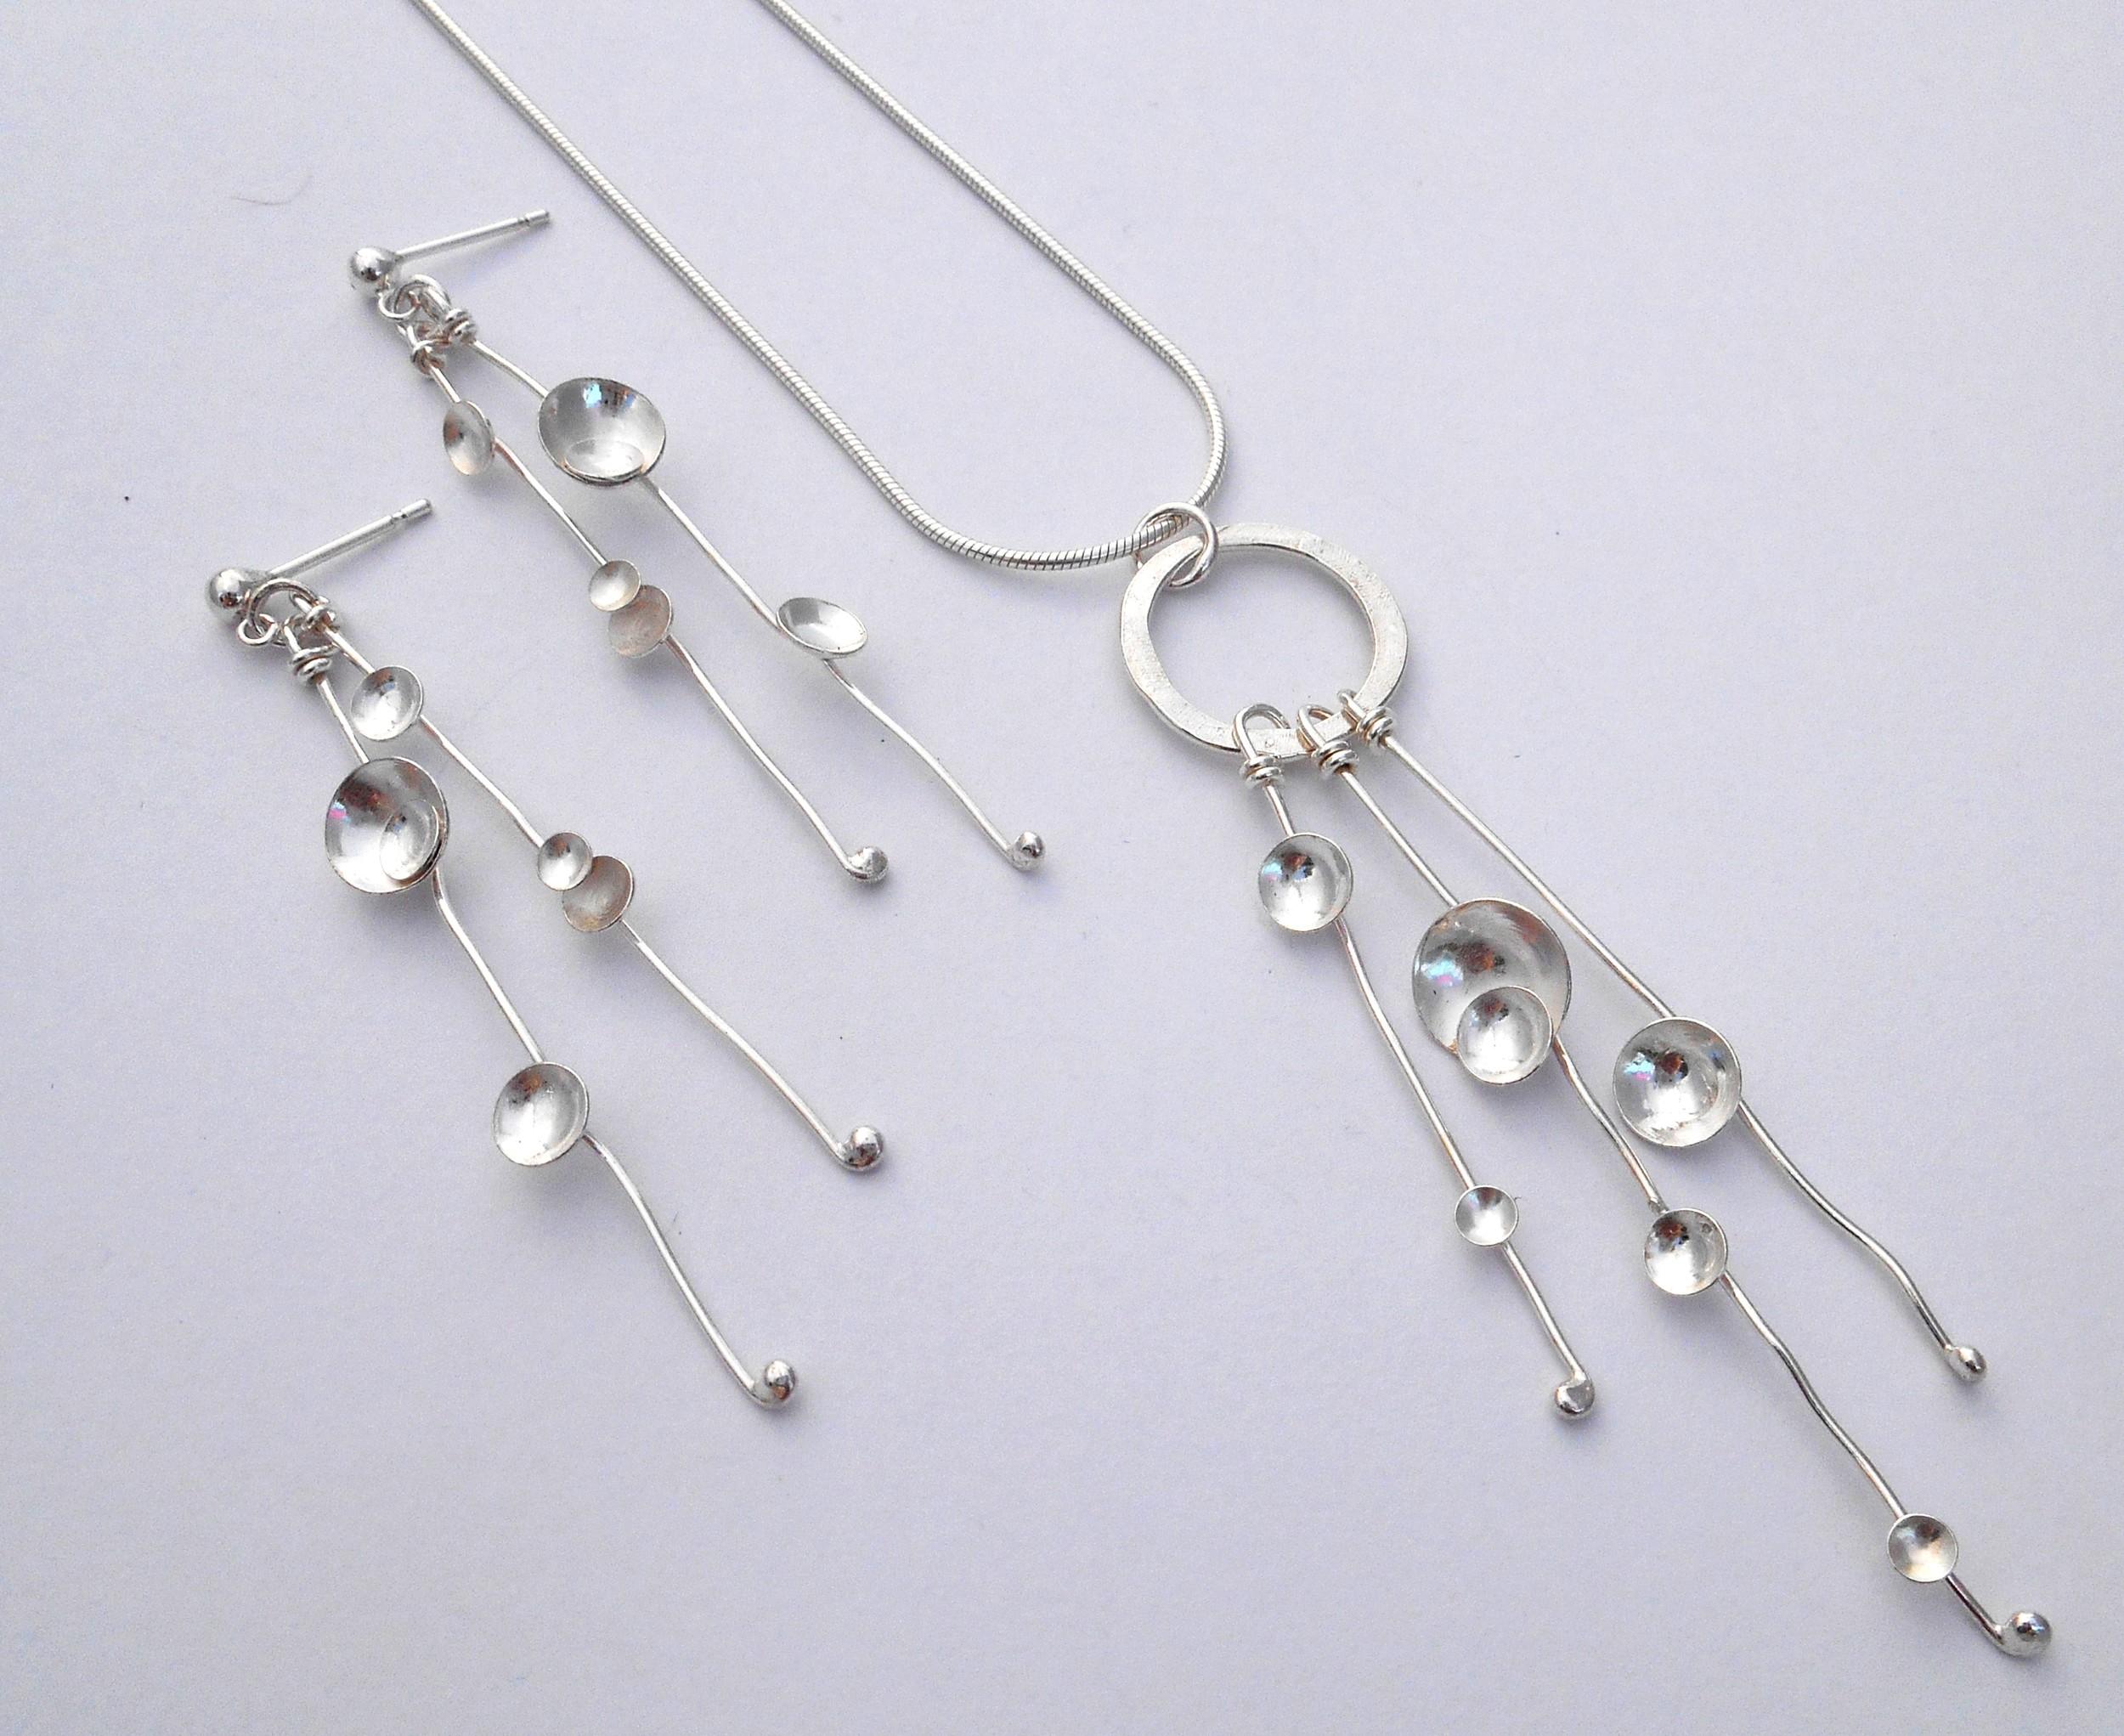 charlotte leftley silver necklace earrings.jpg